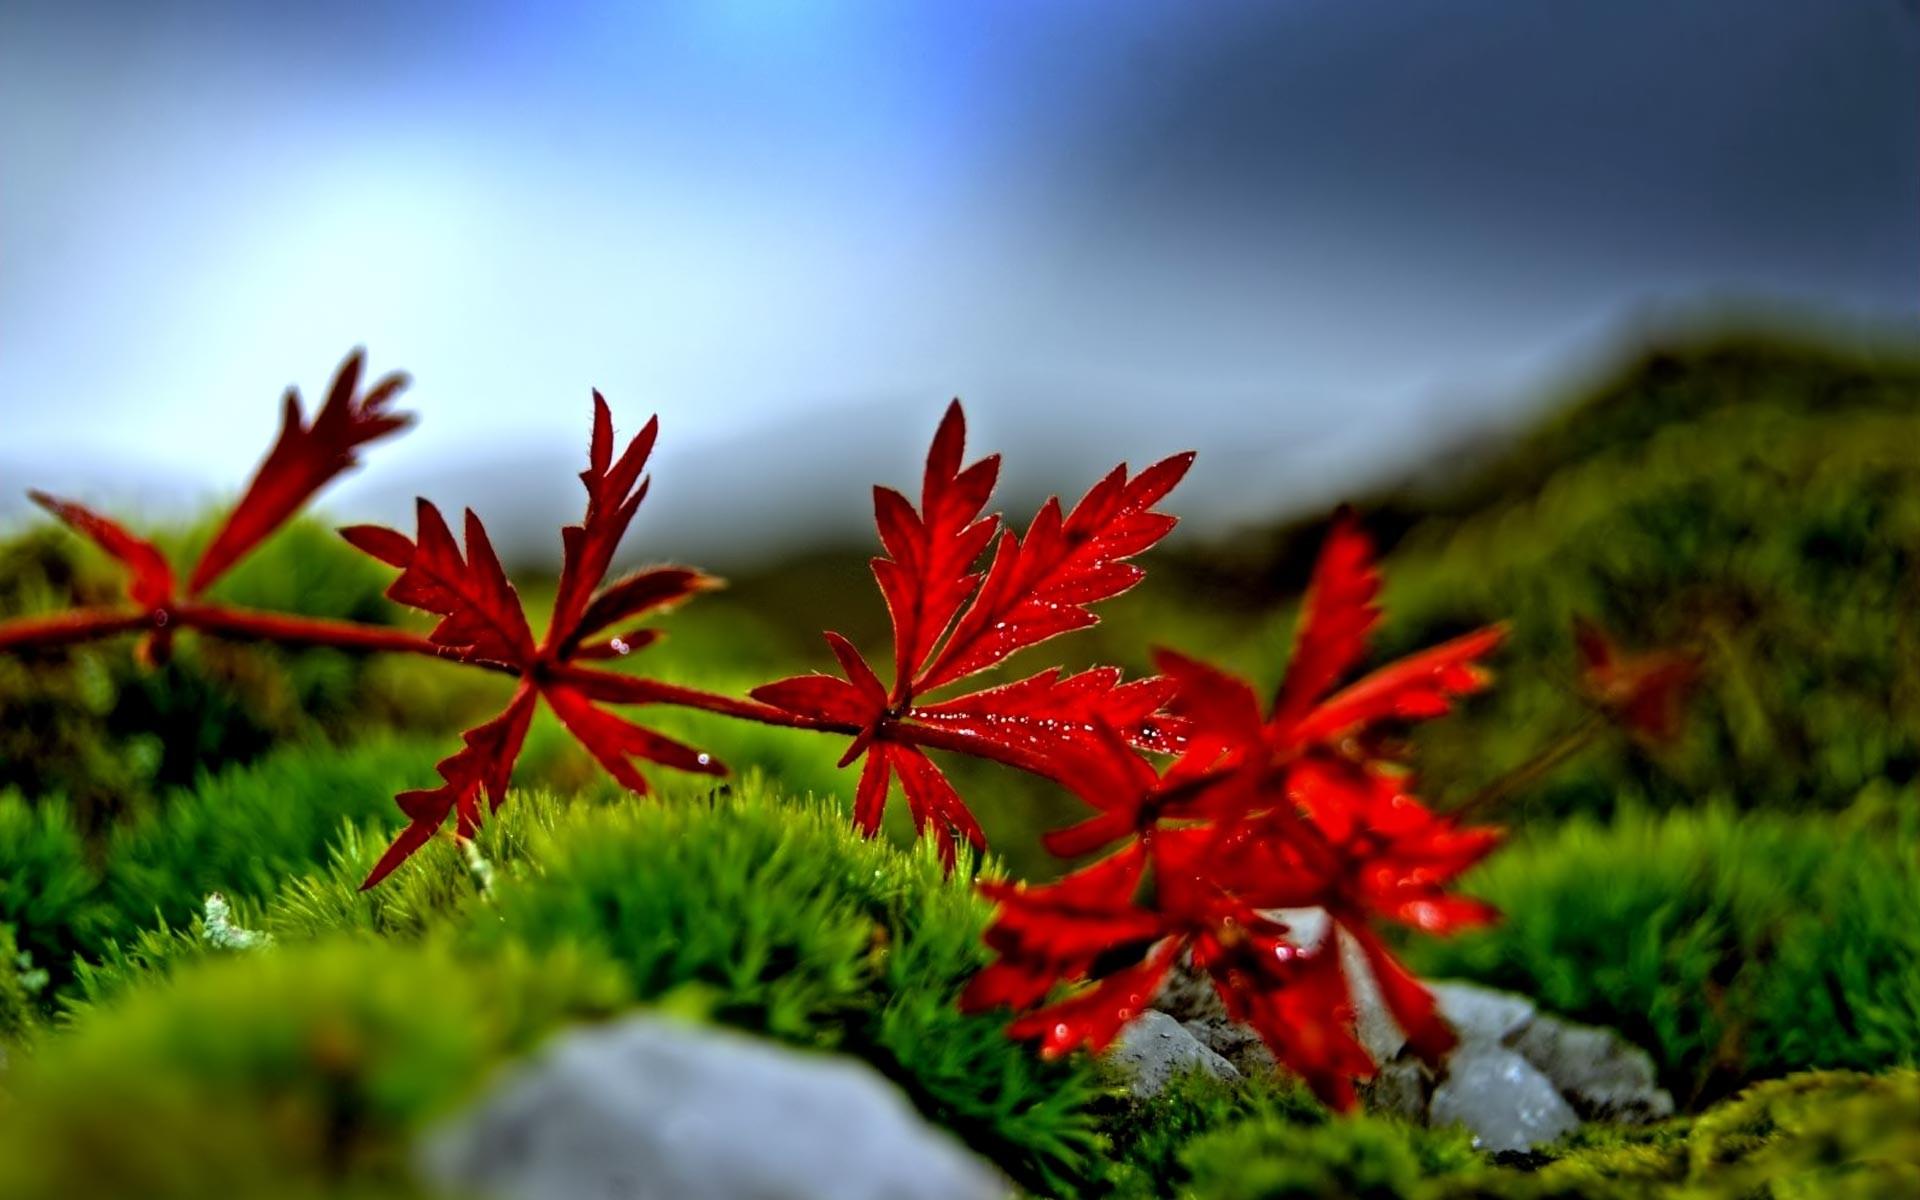 Sfondi desktop primavera 50 immagini for Foto per desktop gratis autunno